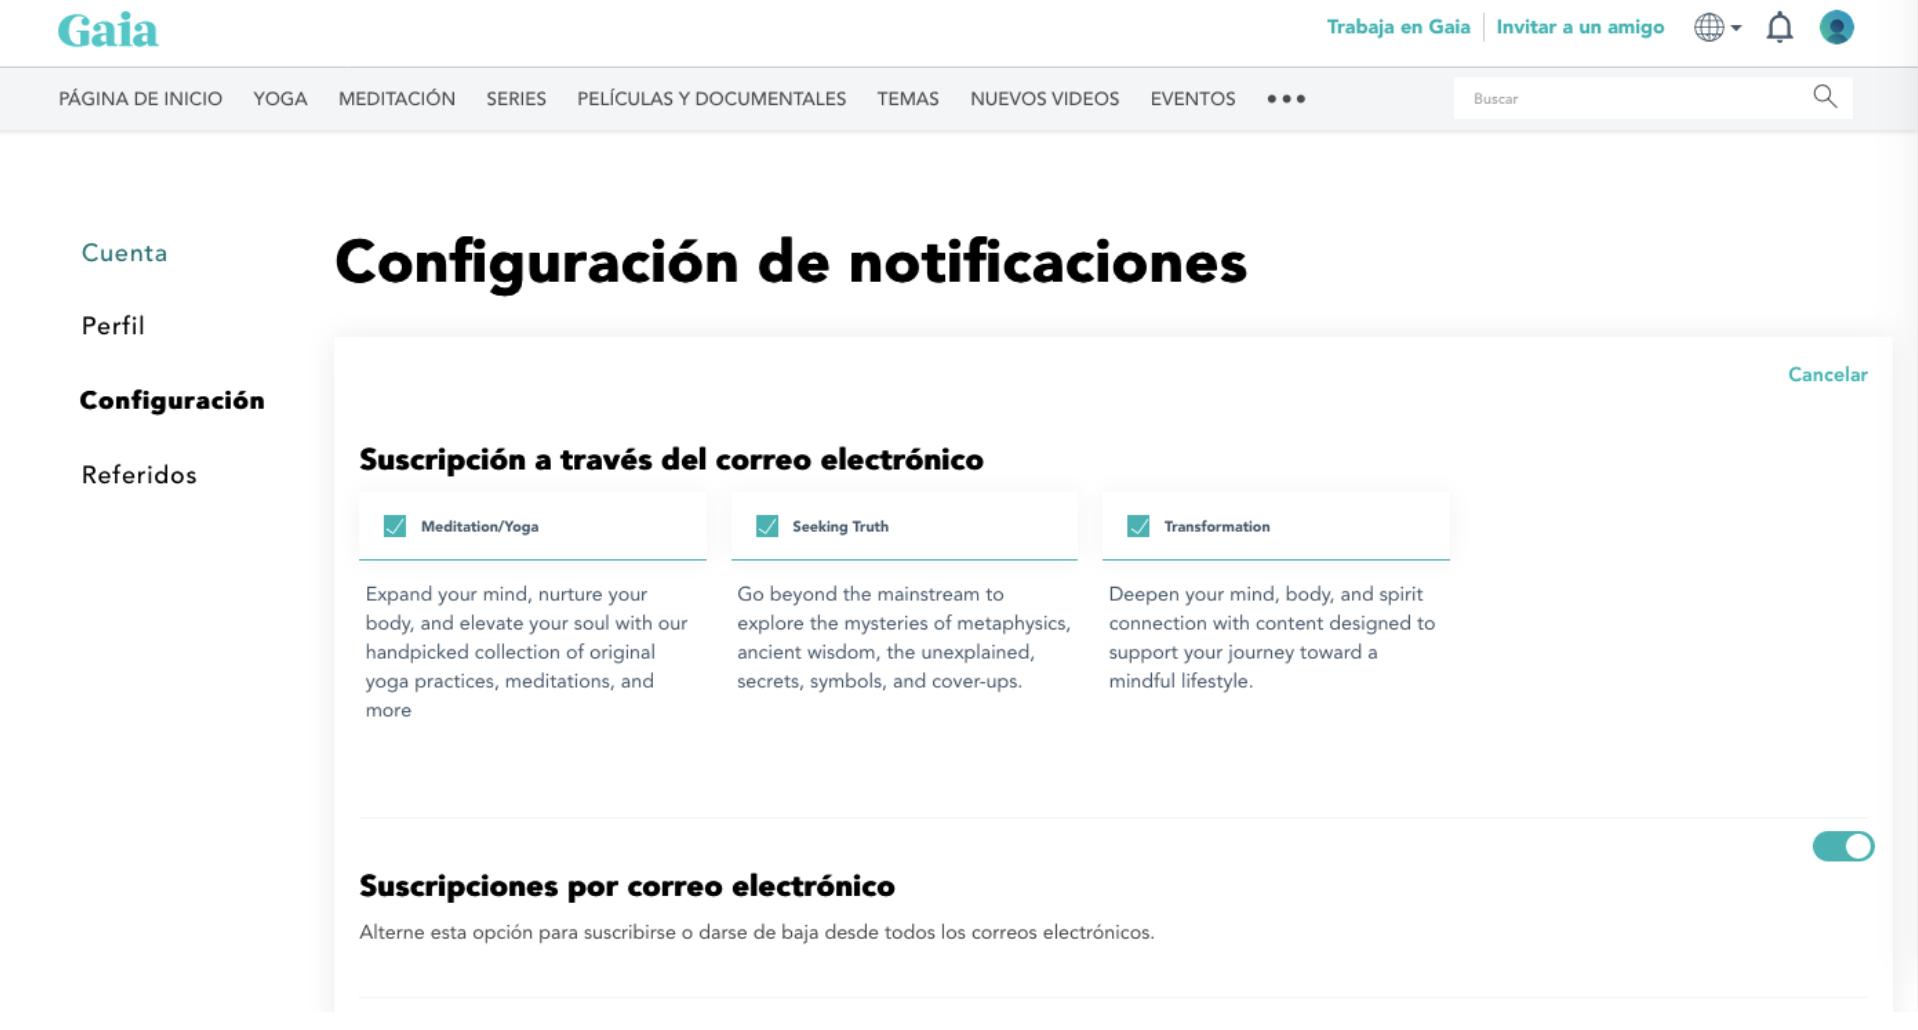 desktop-emails-5_en-us.png